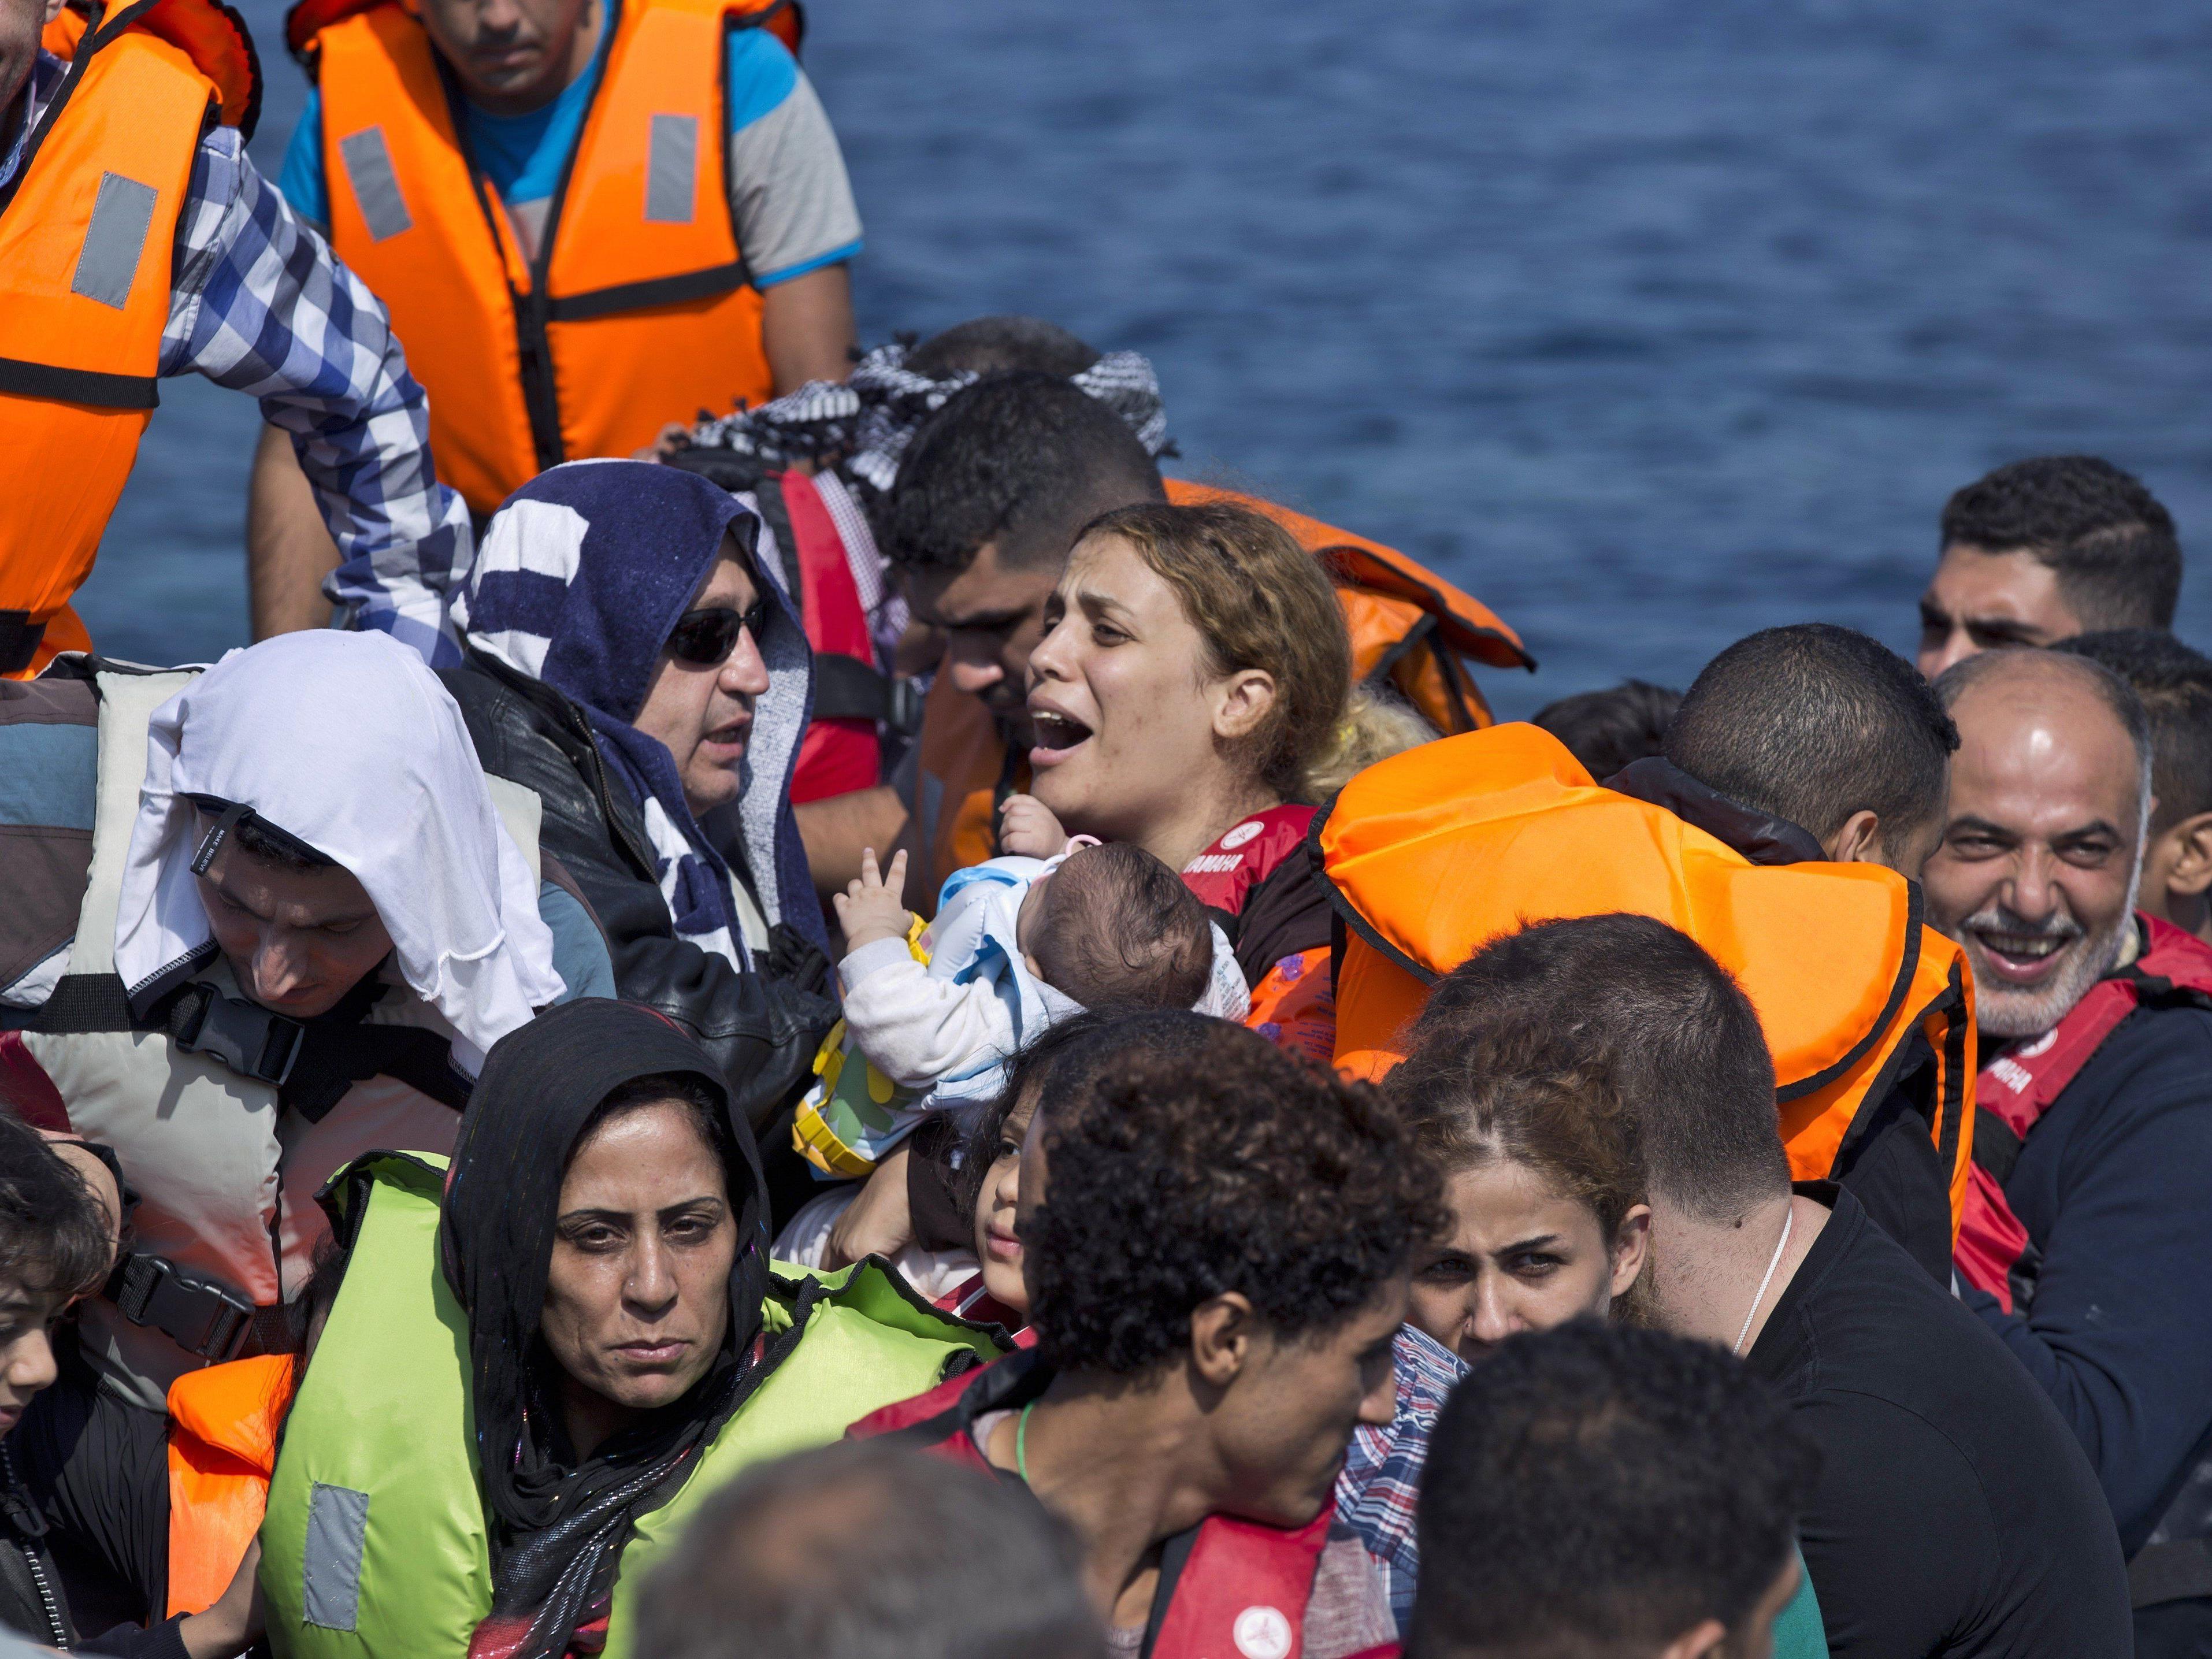 Dutzende Flüchtlinge werden im Mittelmeer vermisst.